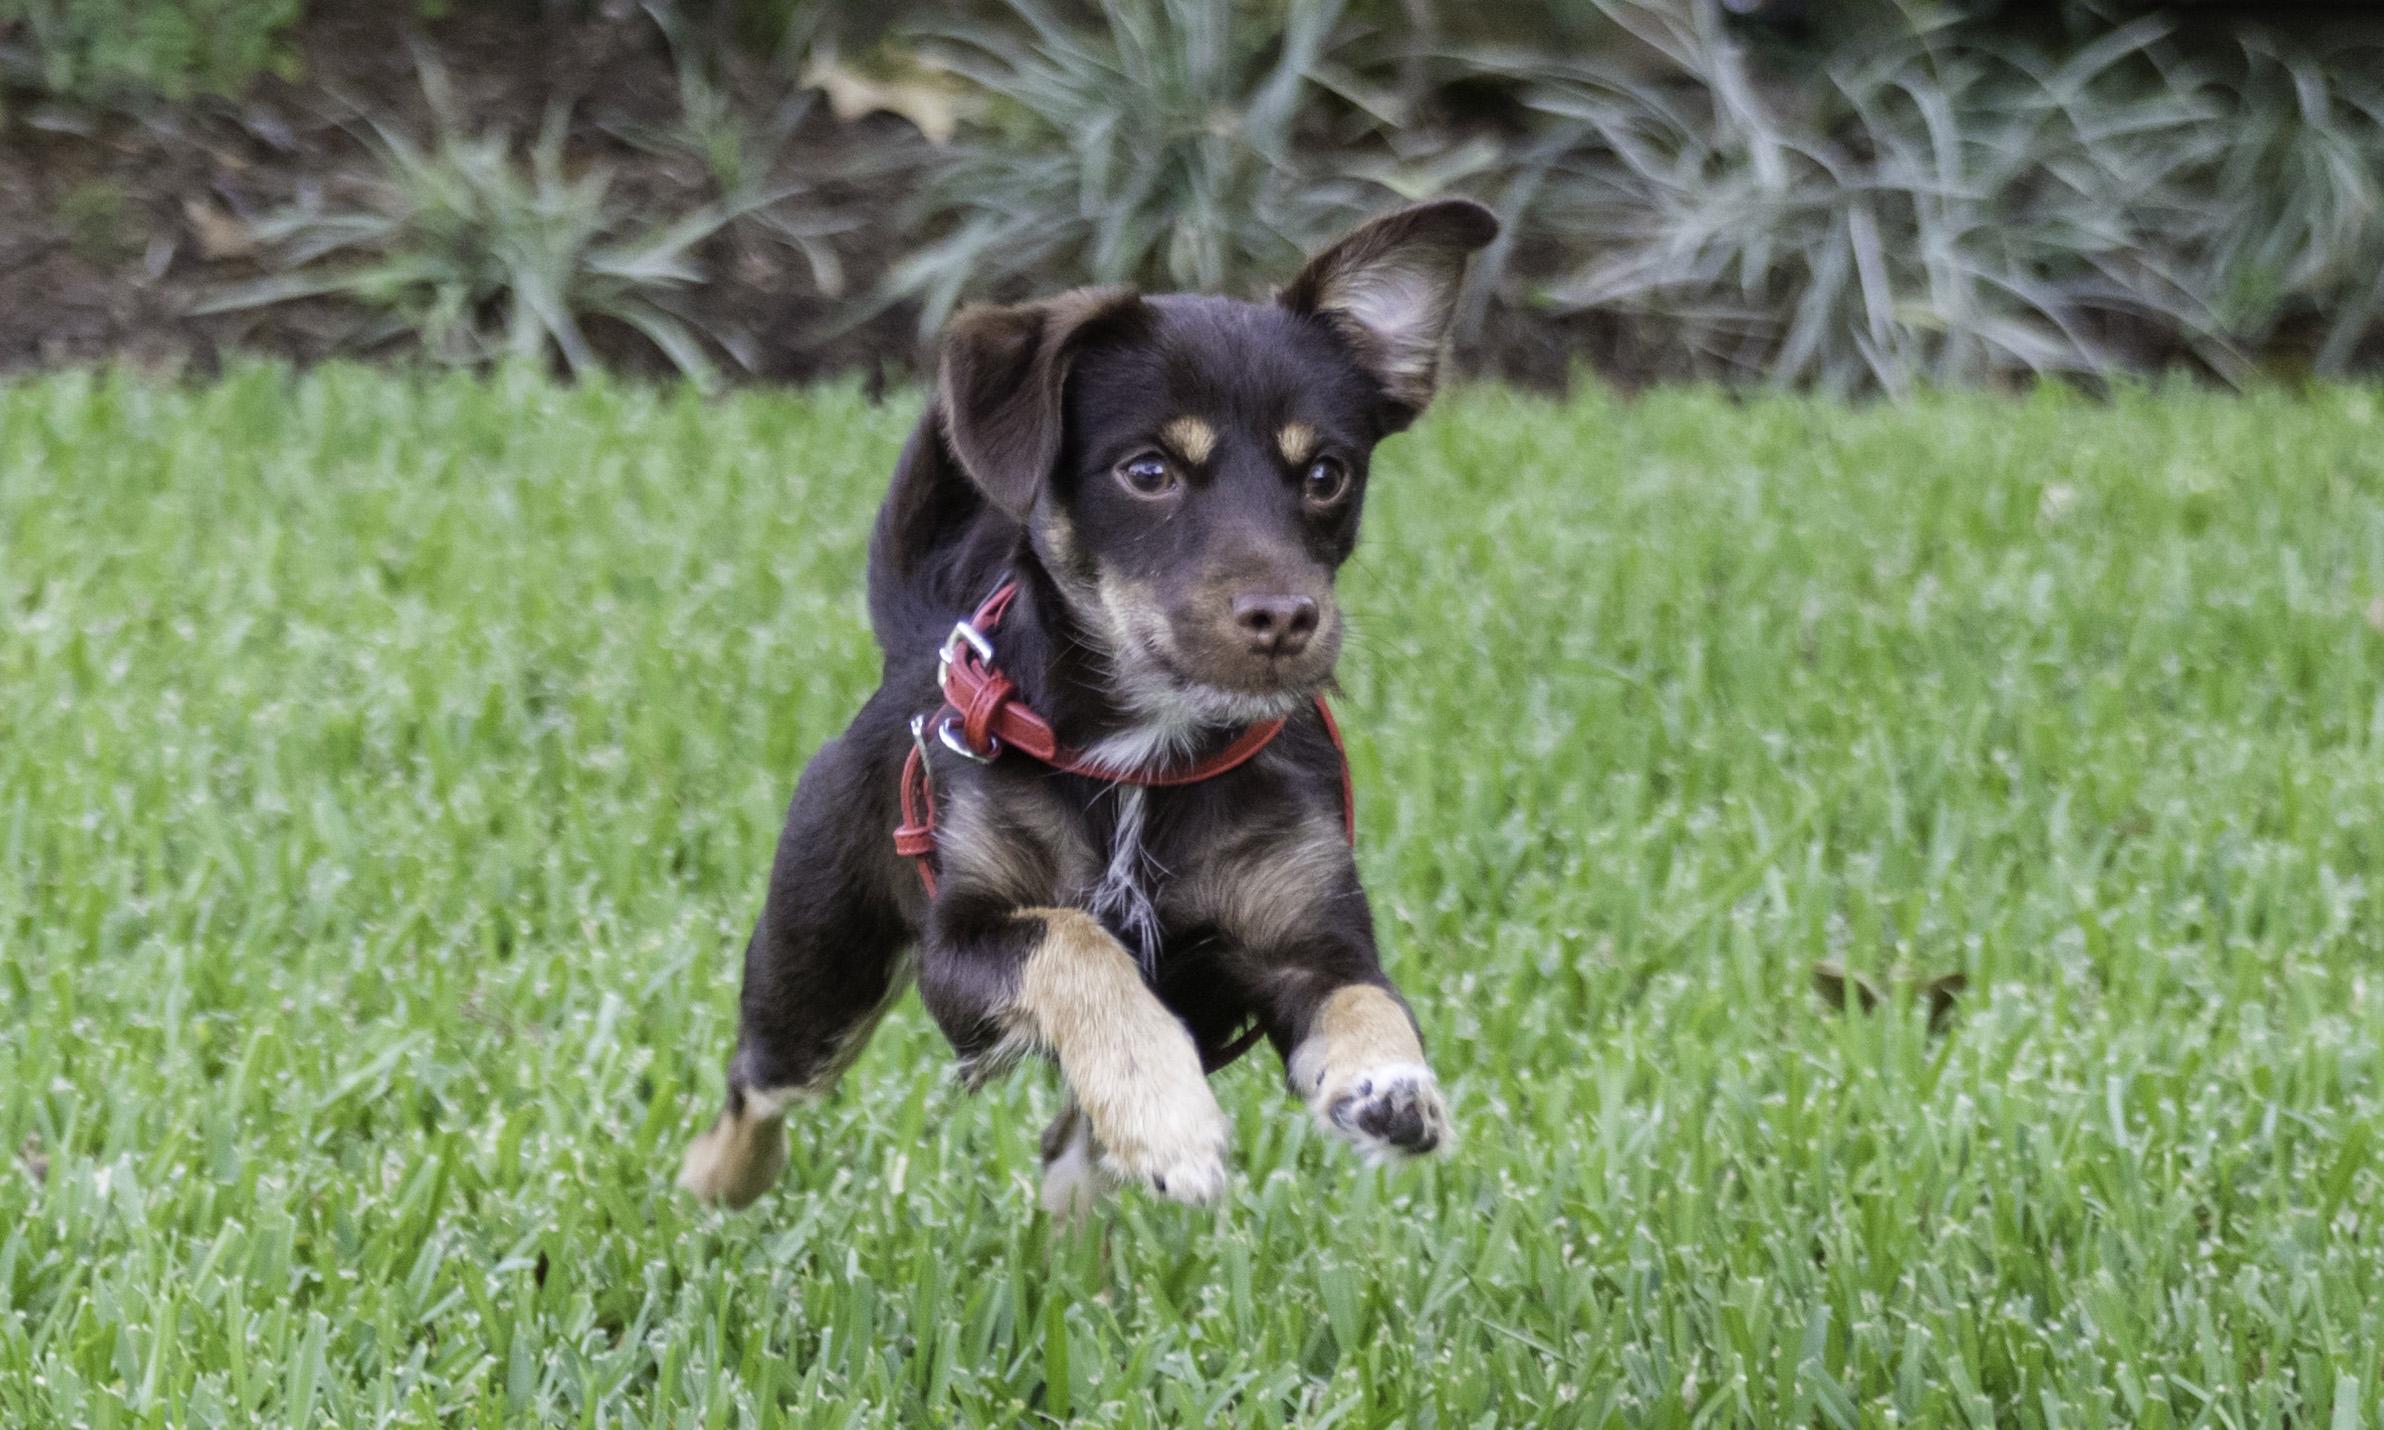 Stephanie Bennett Dog Puppy Training | Behavior Modification Potty Training | Houston TX_FC_7603 resized.jpg